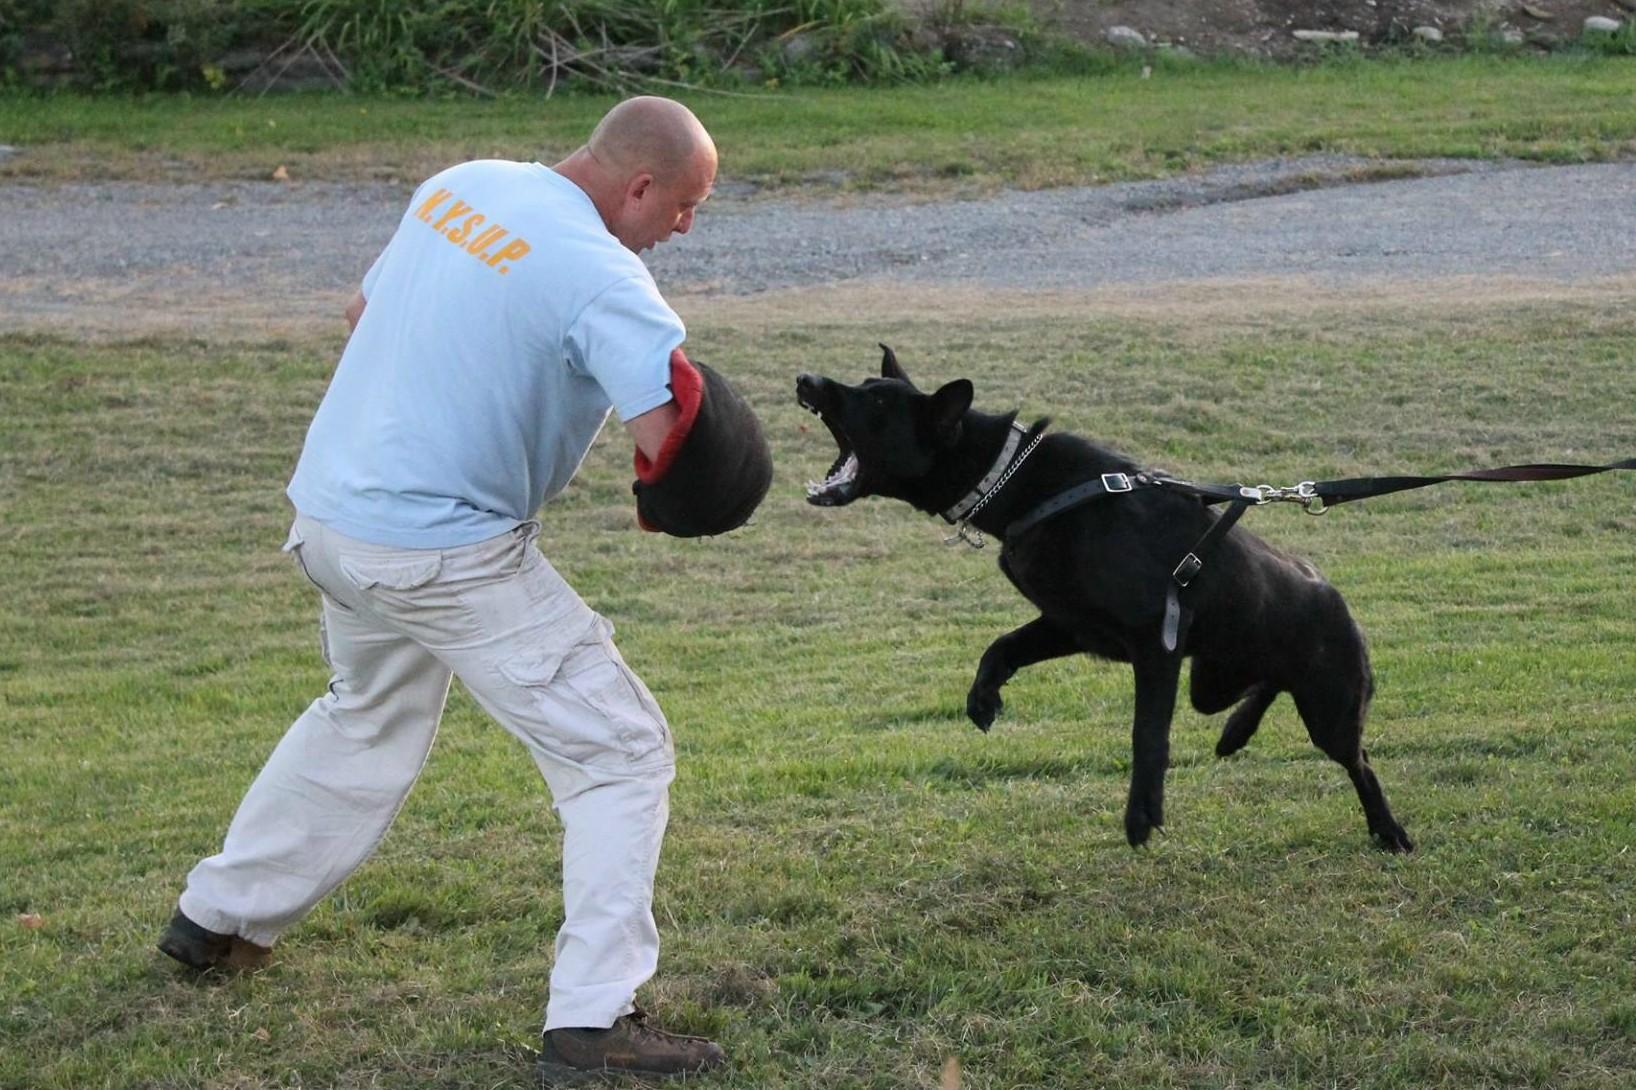 K-9 Training/Sales Albany NY Schenectady NY Northeast